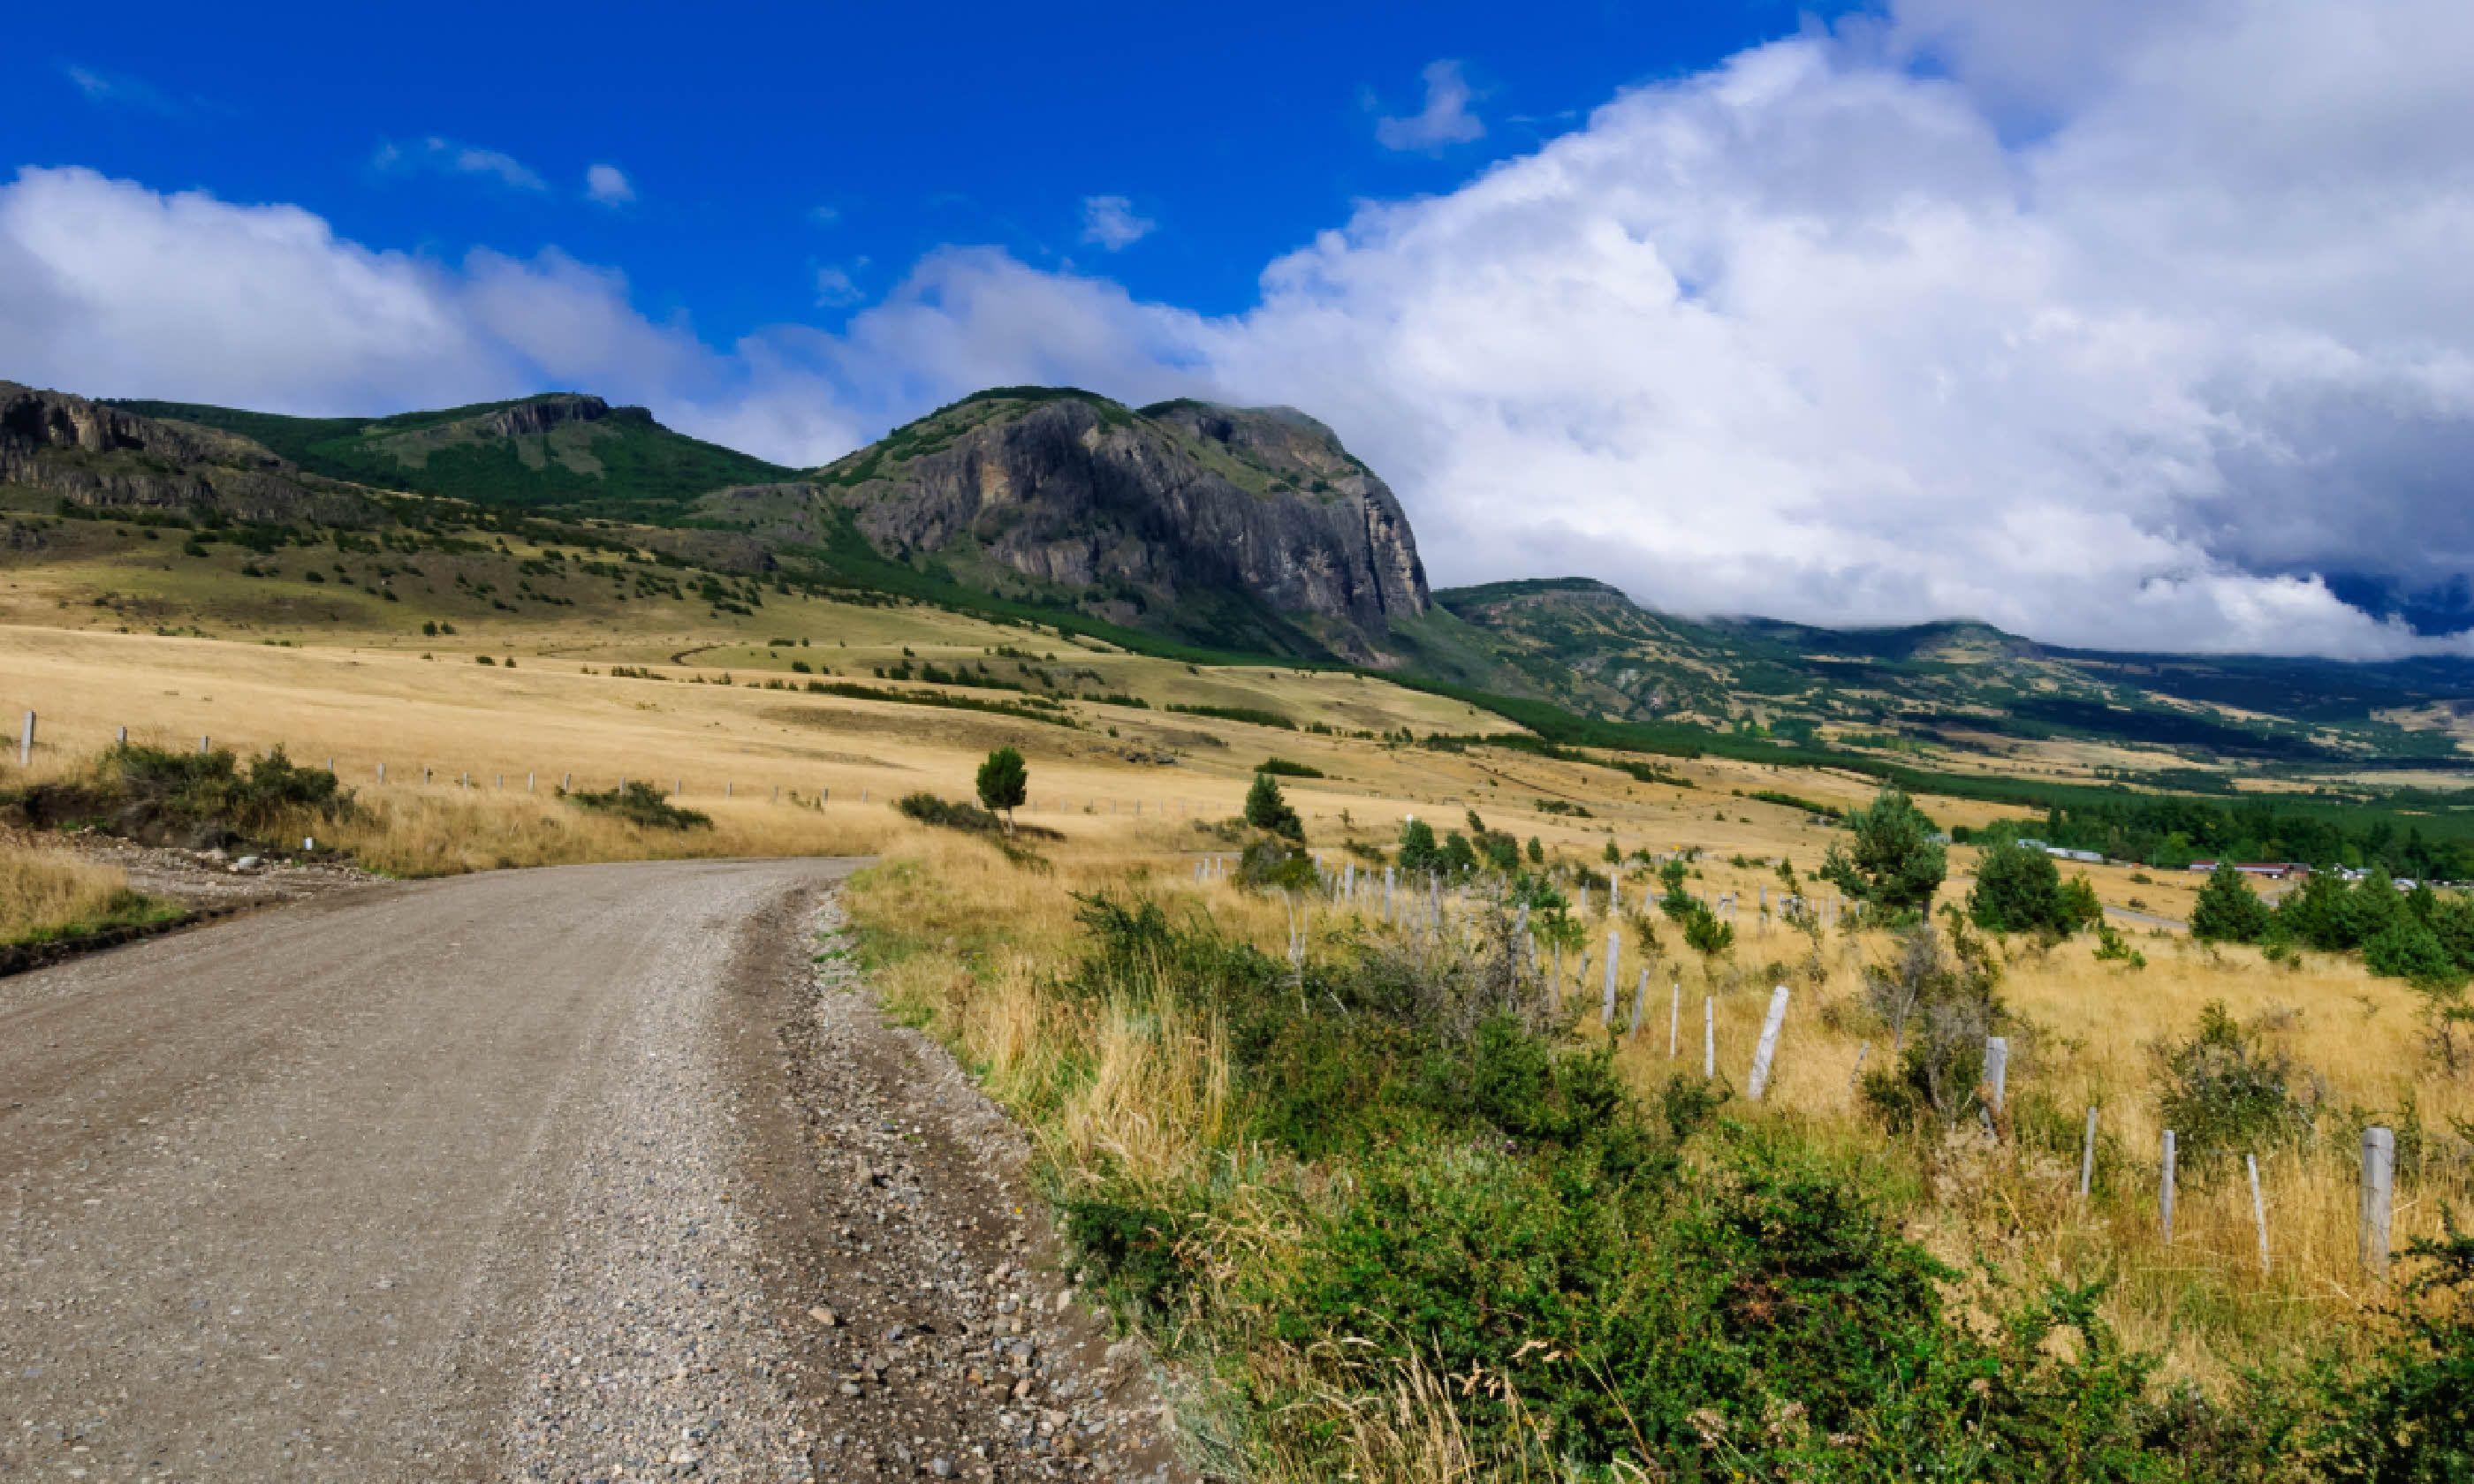 Carretera Austral, Patagonia (Dreamstime)